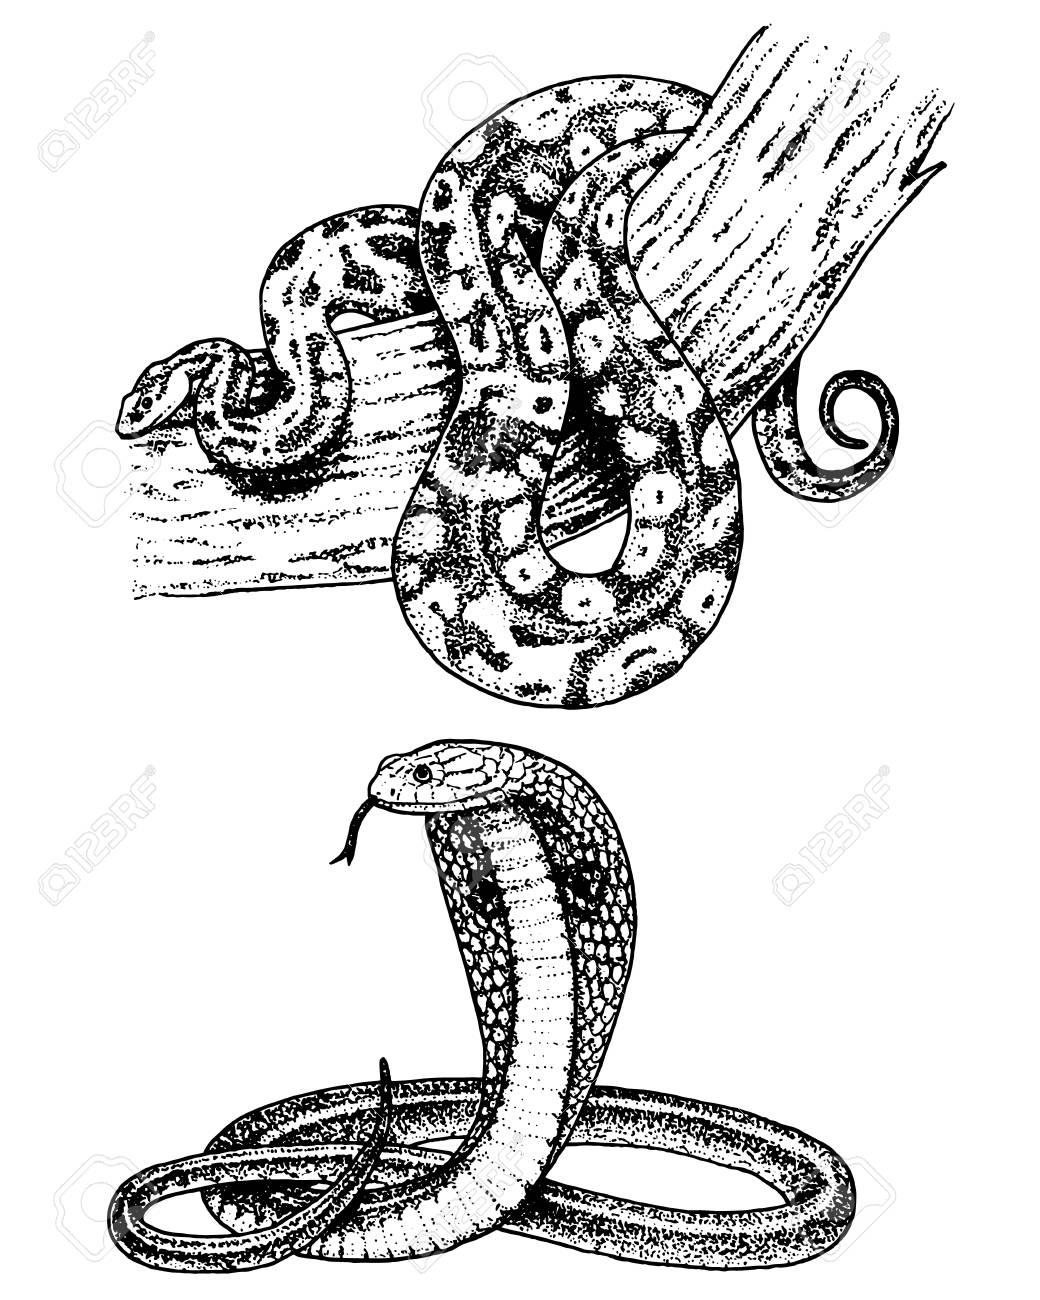 1040x1300 Viper Snake. Serpent Cobra And Python, Anaconda Or Viper, Royal